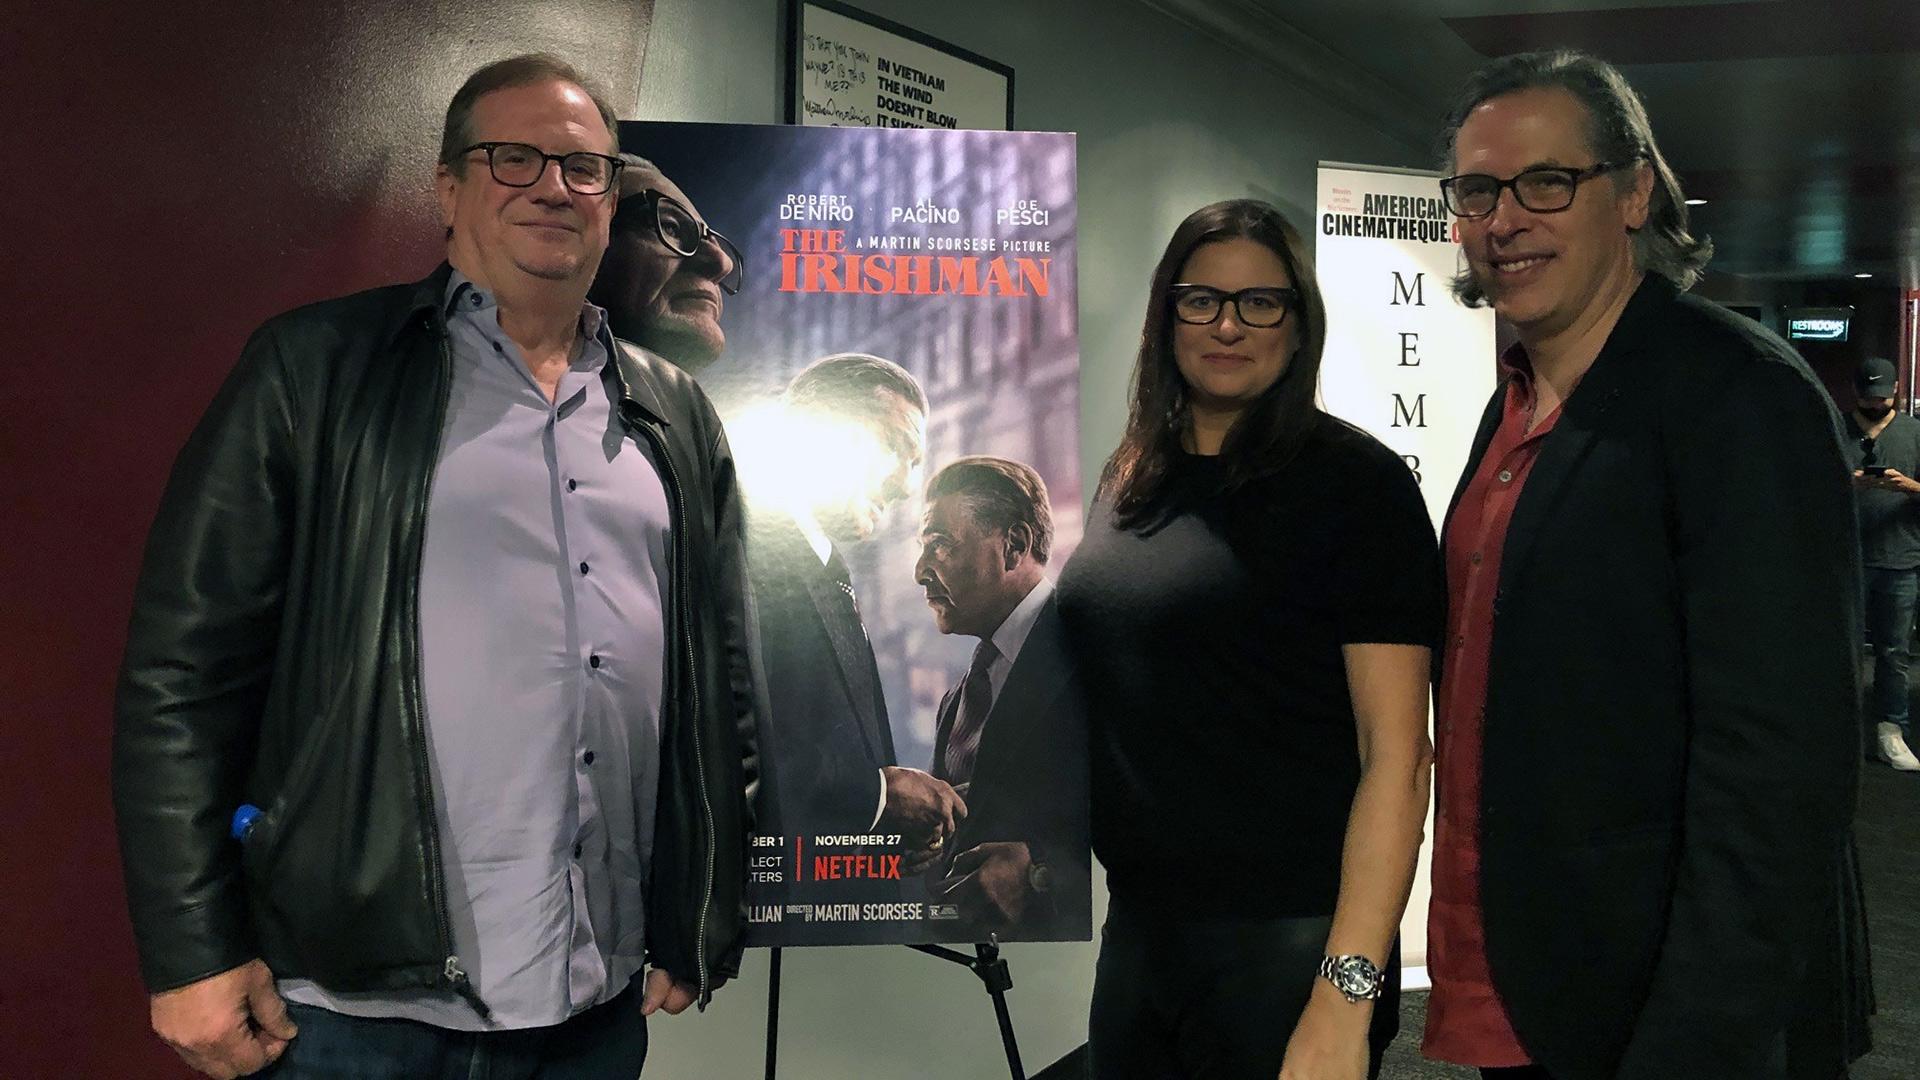 Arrival at the Aero Theatre by Pete Hammond, Emma Tillinger Koskoff and Rodrigo Prieto.